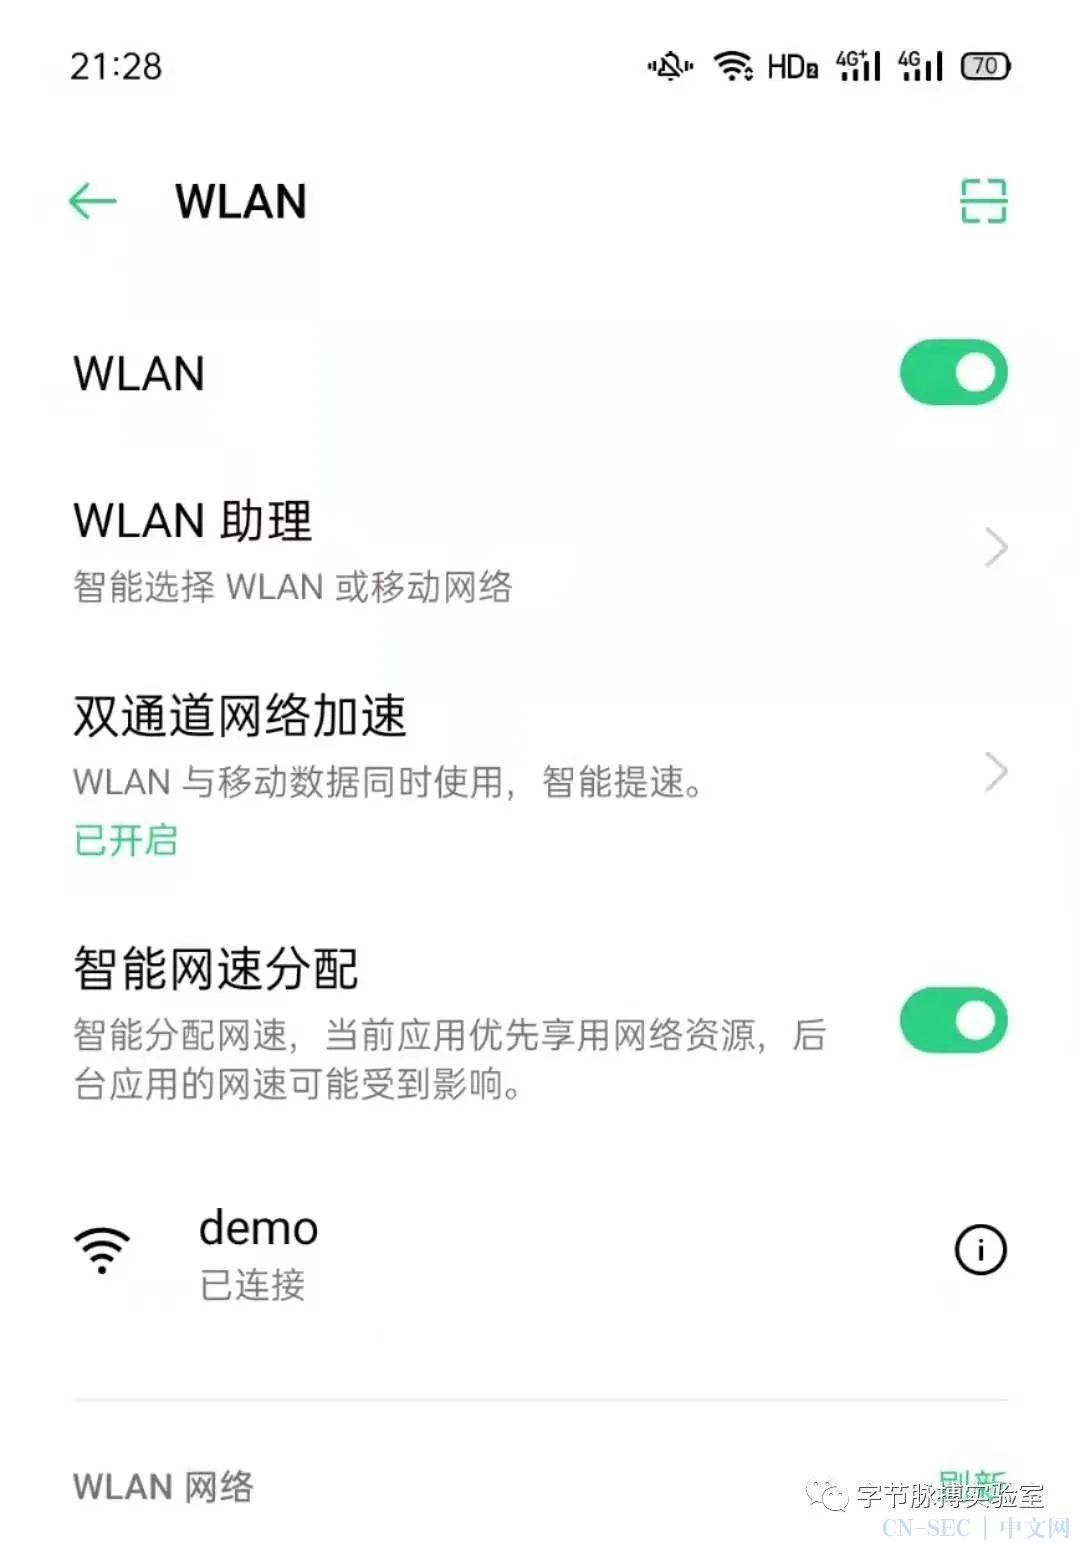 使用wifipumpkin3快速搭建钓鱼WIFI